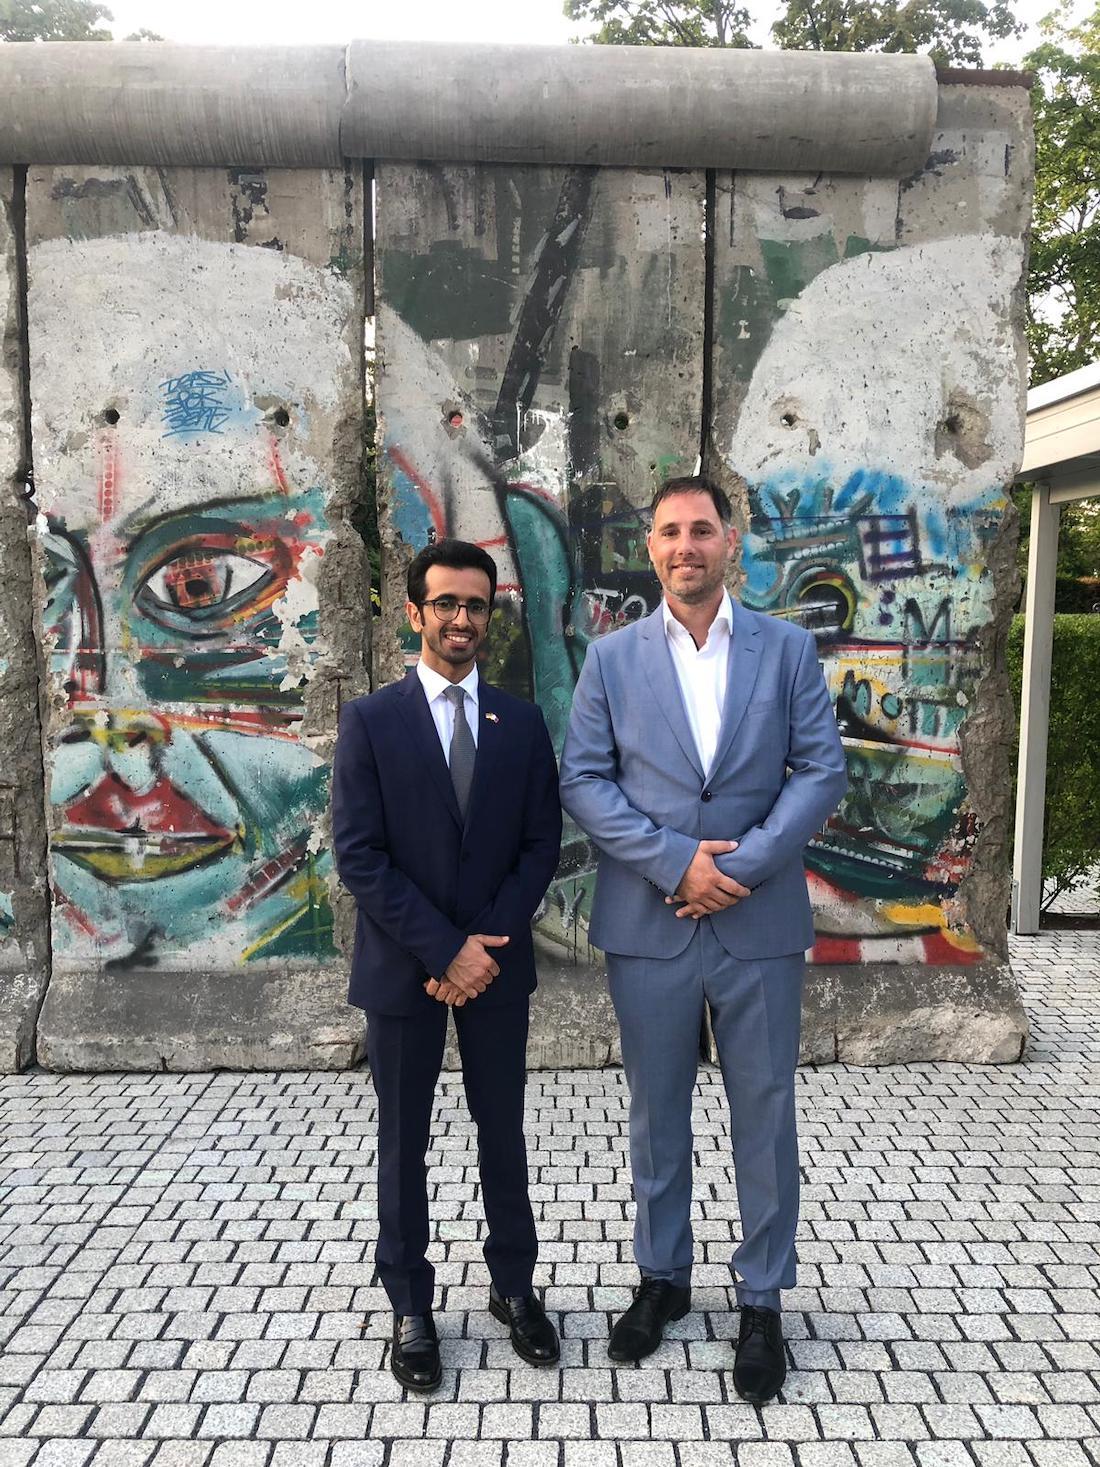 Prezident CCPF s prvním tajemníkem katarské ambasády na výstavě v Domě arabské kultury v Berlíně.